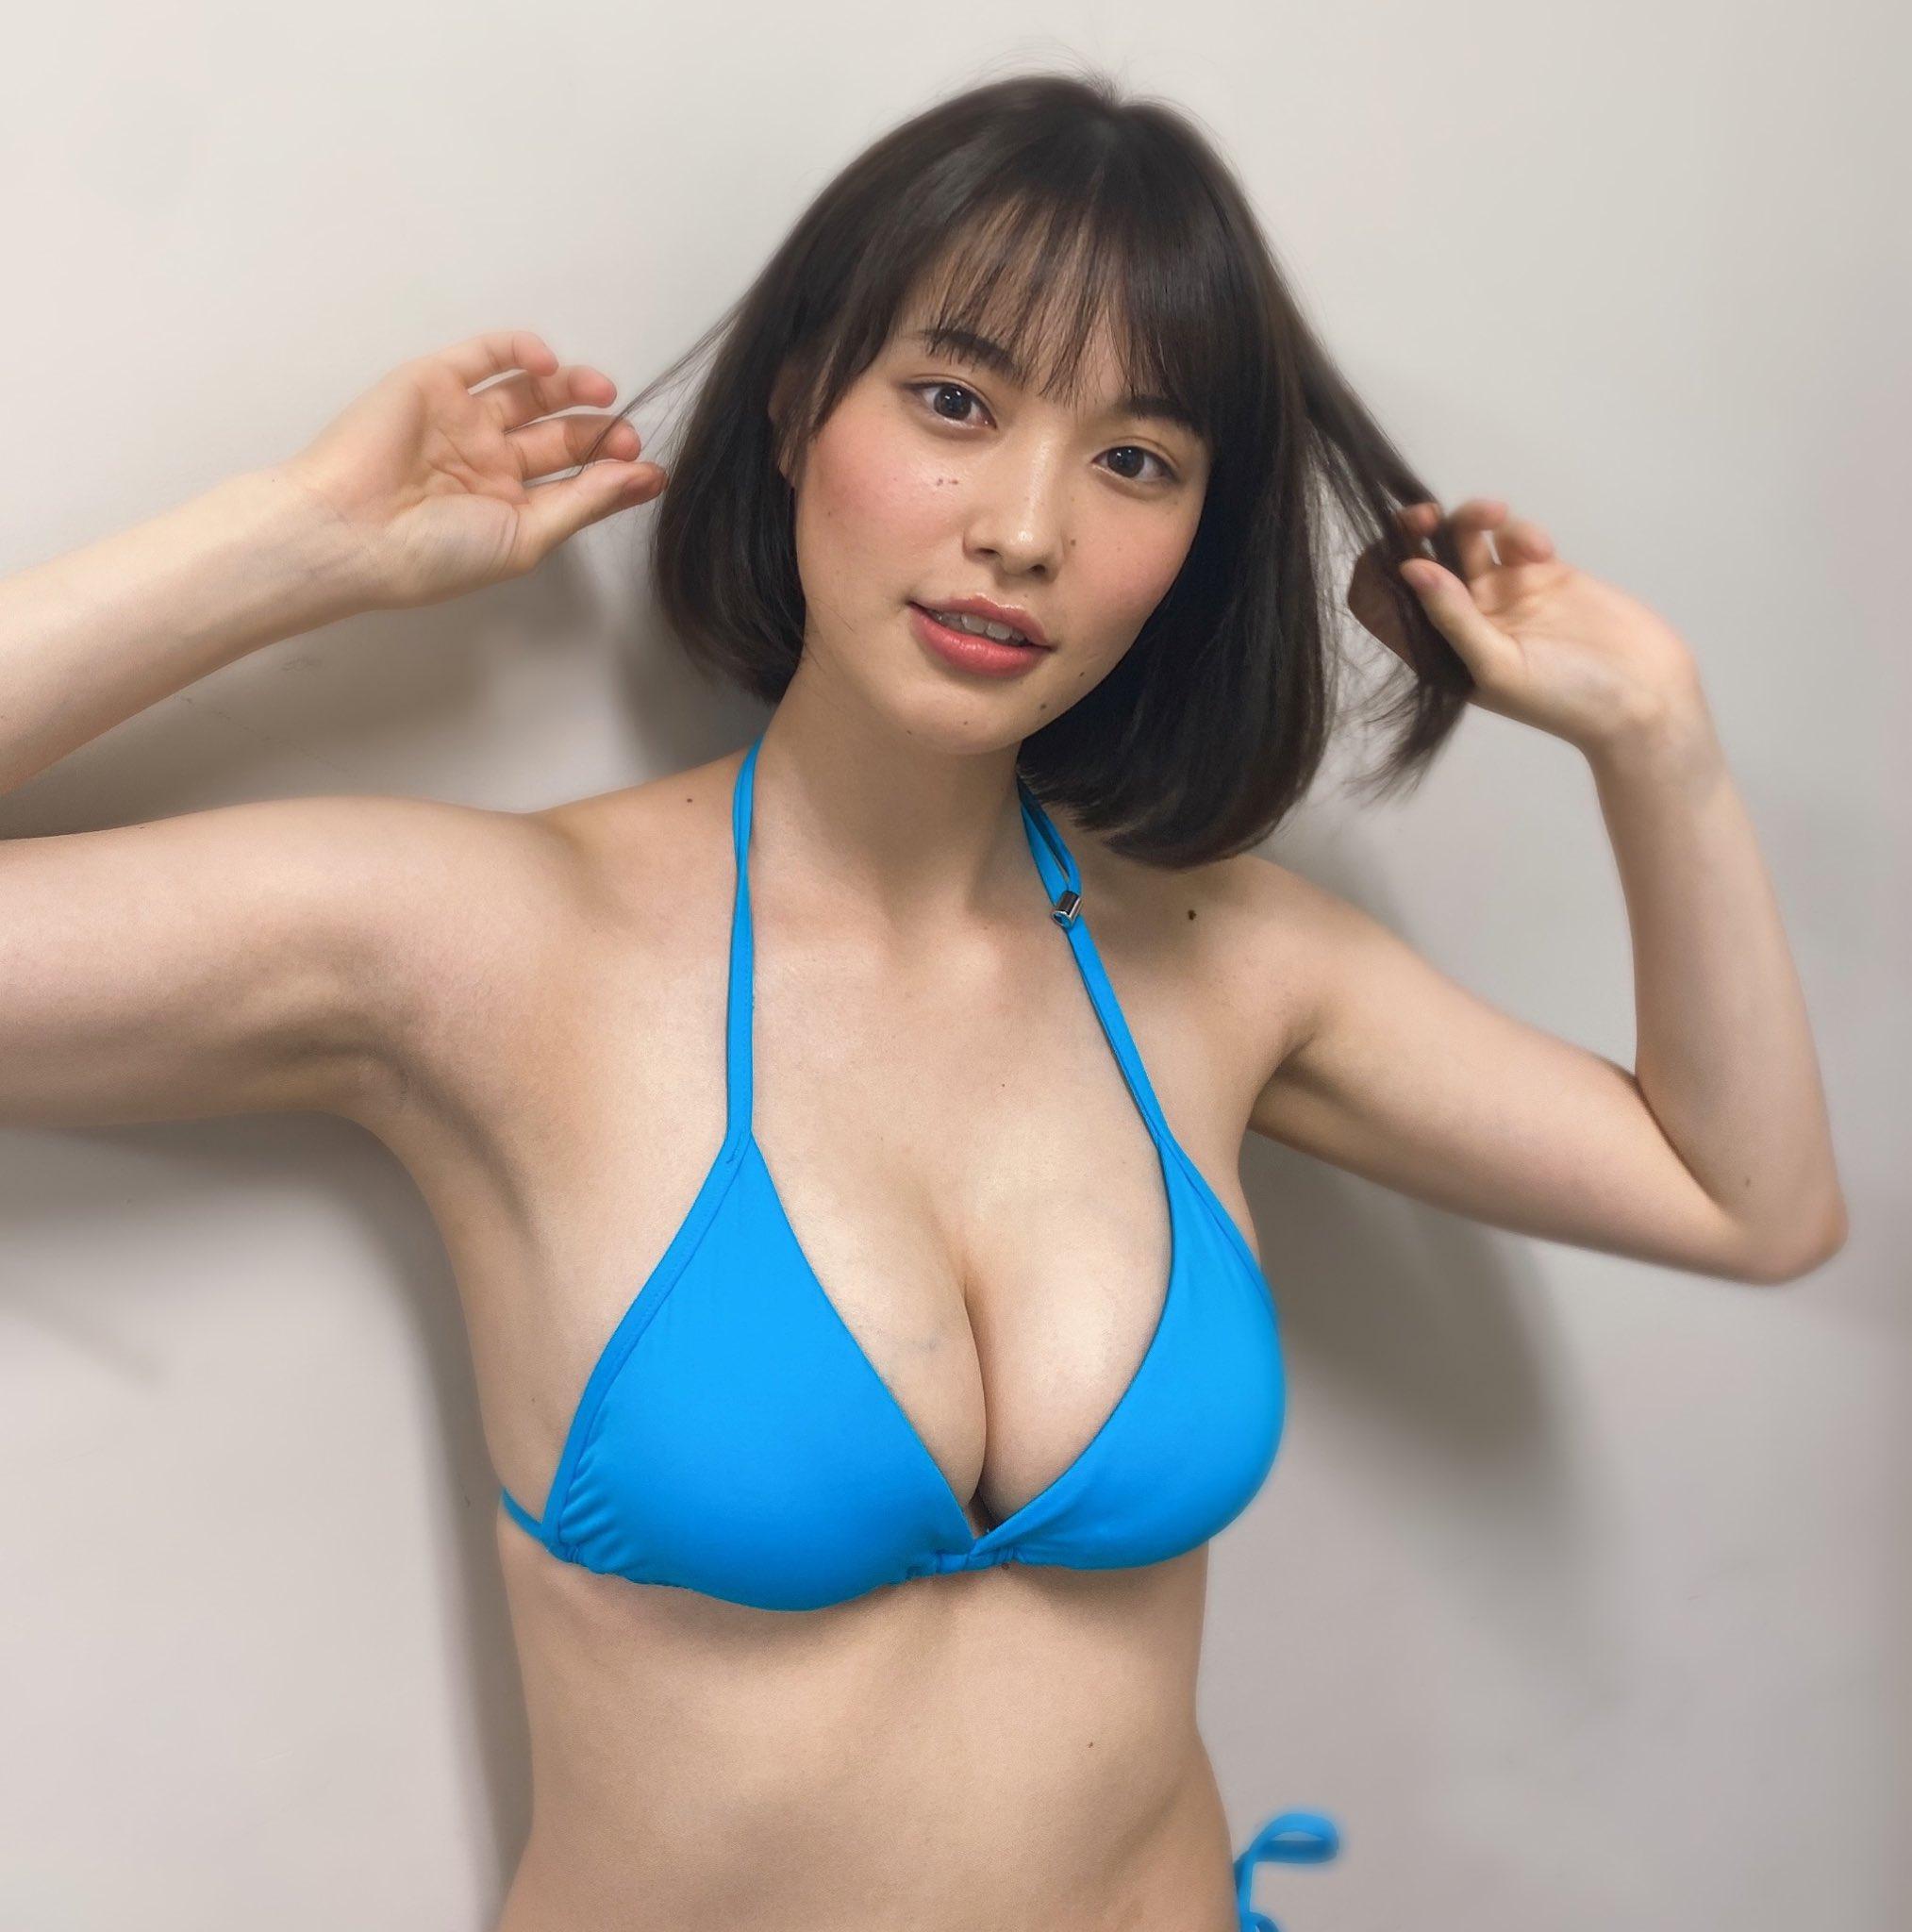 【画像】広瀬すずっぽい新人巨乳グラドル見つけたで!!!